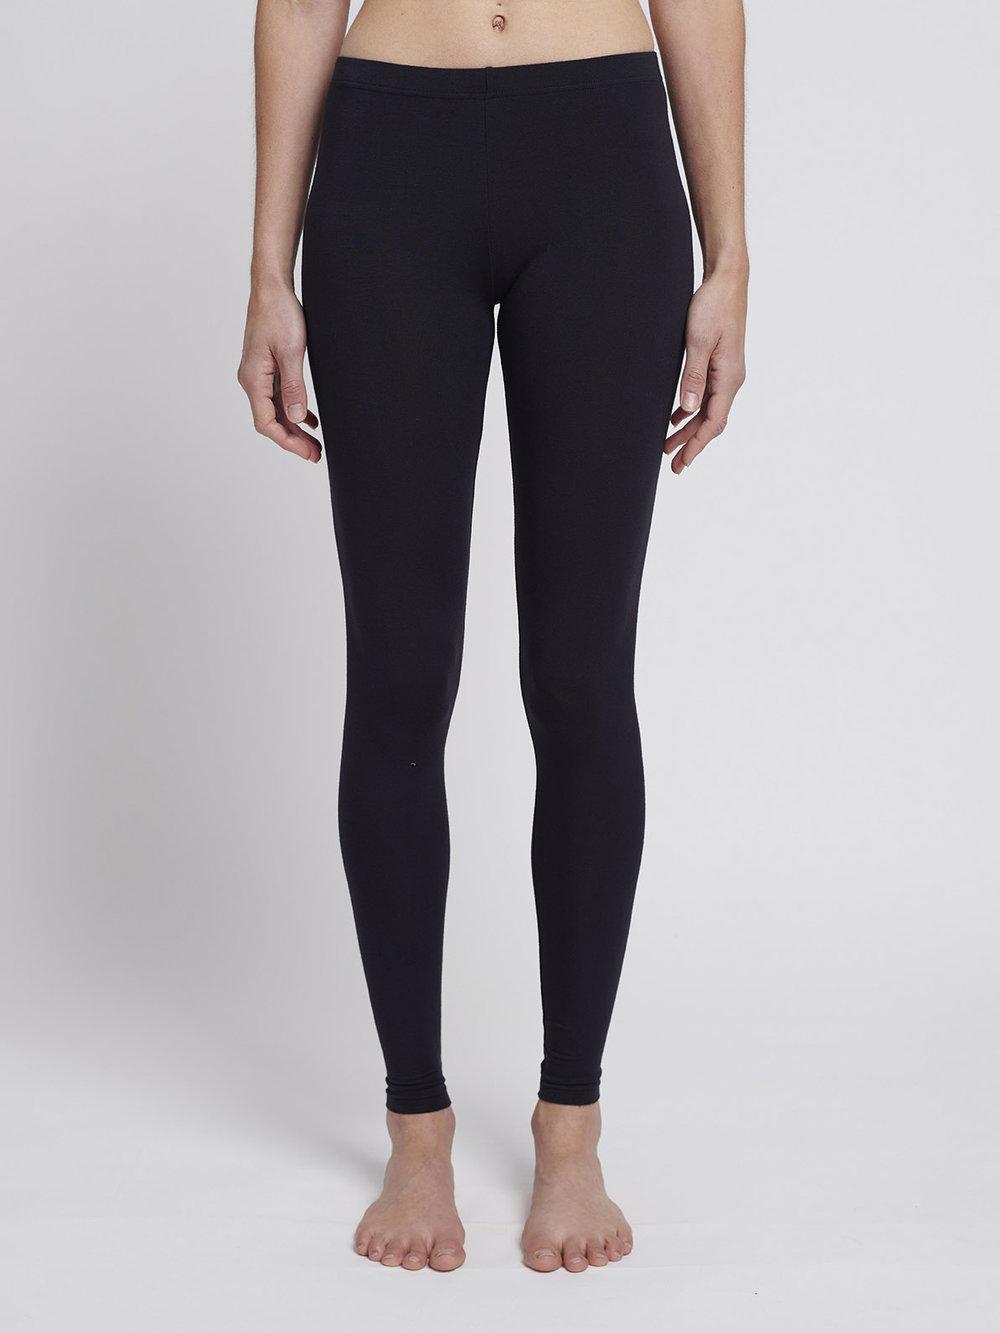 black leggings from Silfir